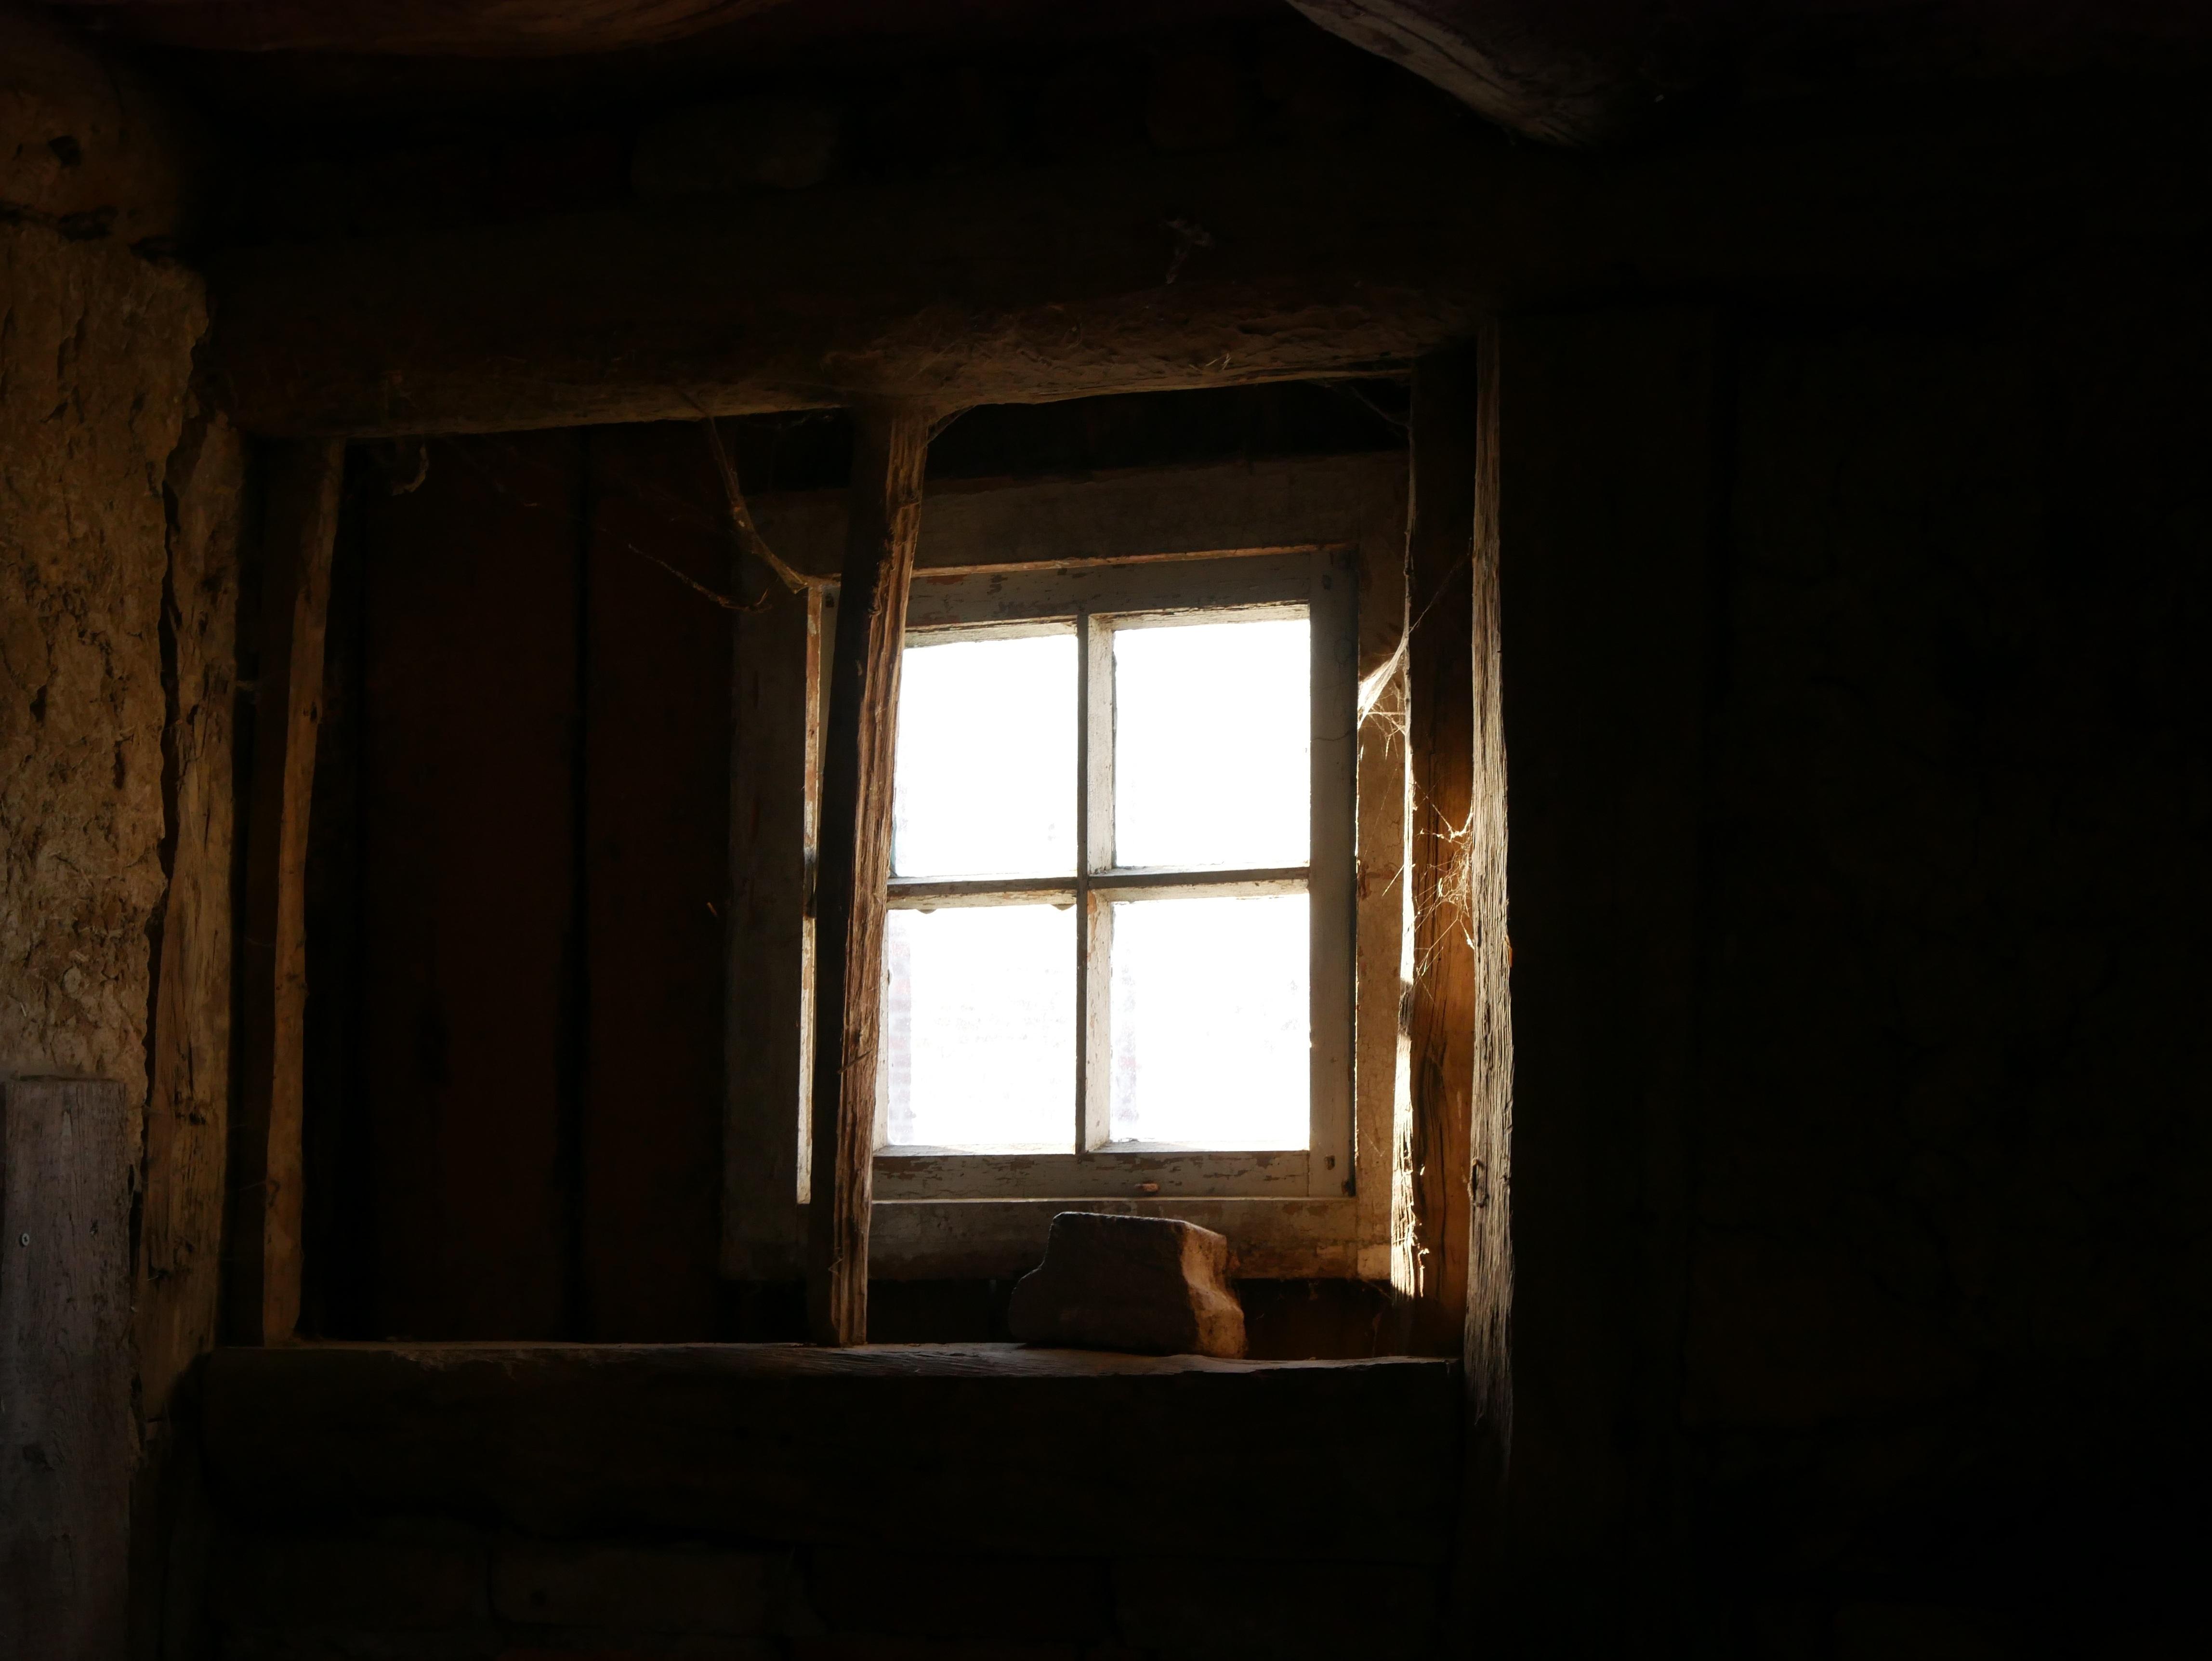 Eclairage Sous Sol Maison images gratuites : lumière, bois, antique, maison, bâtiment